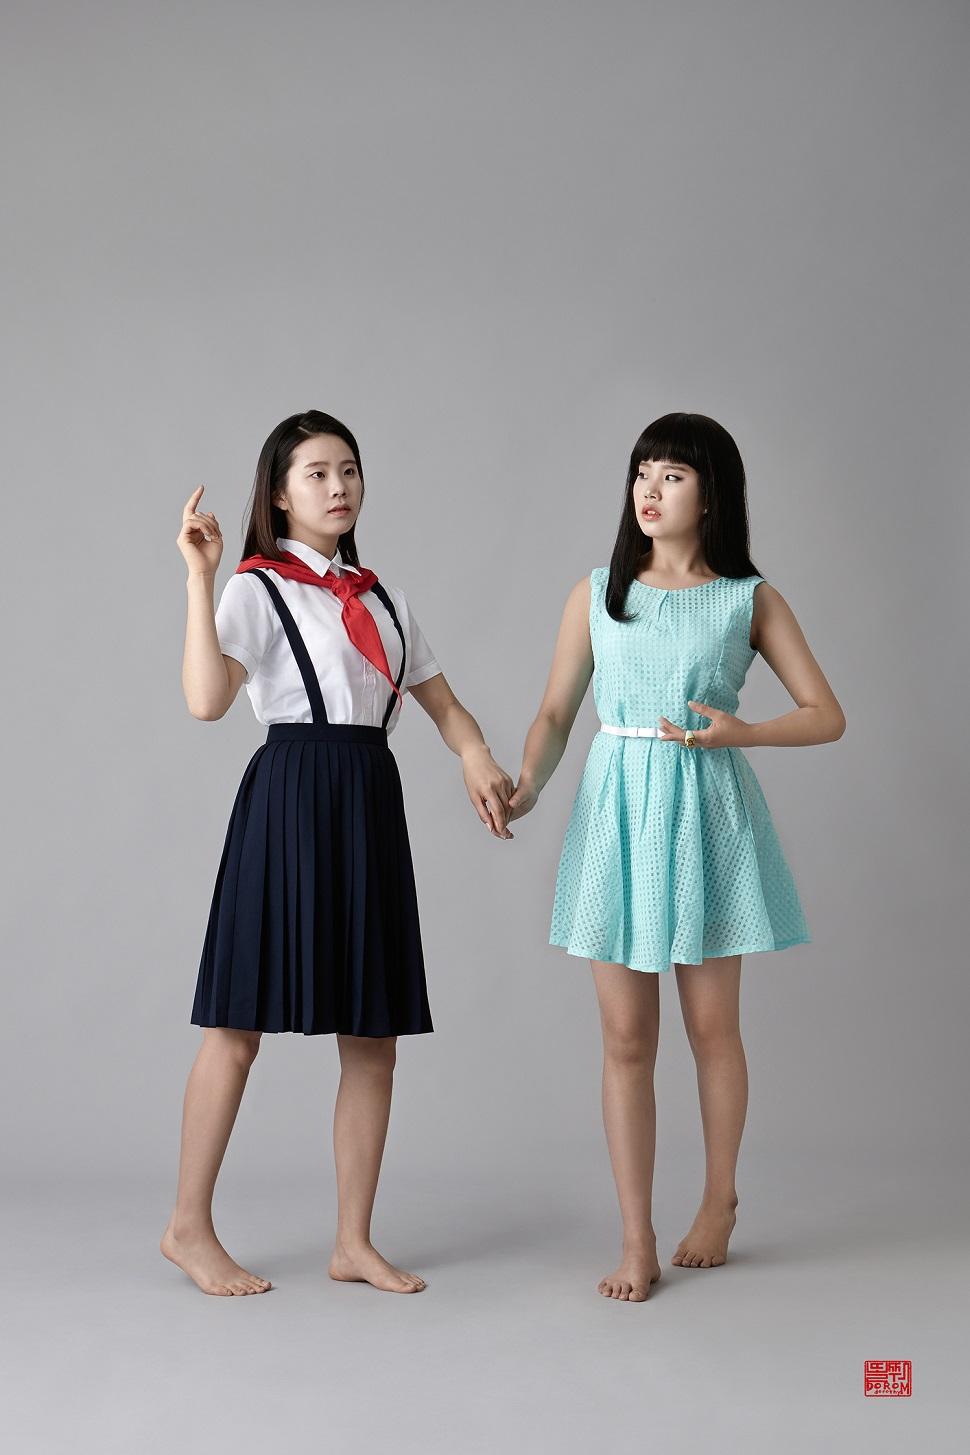 도로시엠윤 / 윤희&윤희, 150x100cm, 디지털 프린팅, 2015